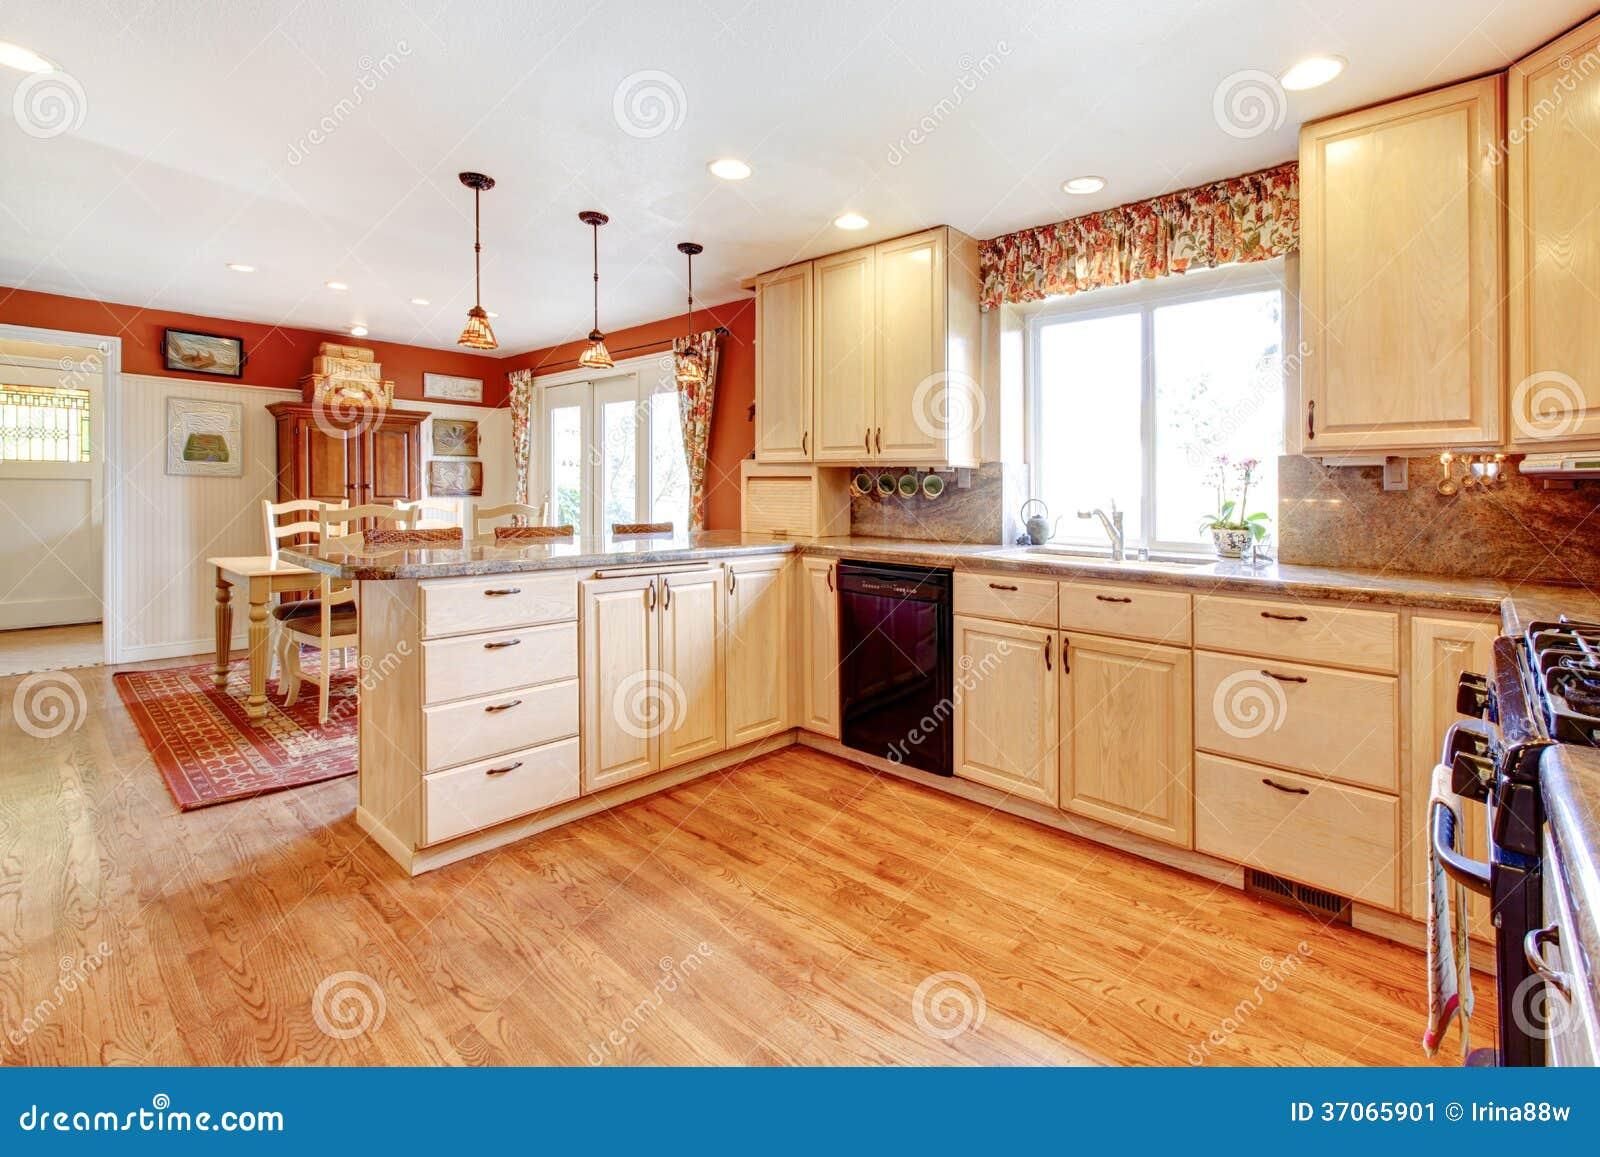 Immagine Stock: Stanza Semplice Della Cucina Di Colori Caldi Con Una  #AE461D 1300 957 Semplice Design Della Cucina